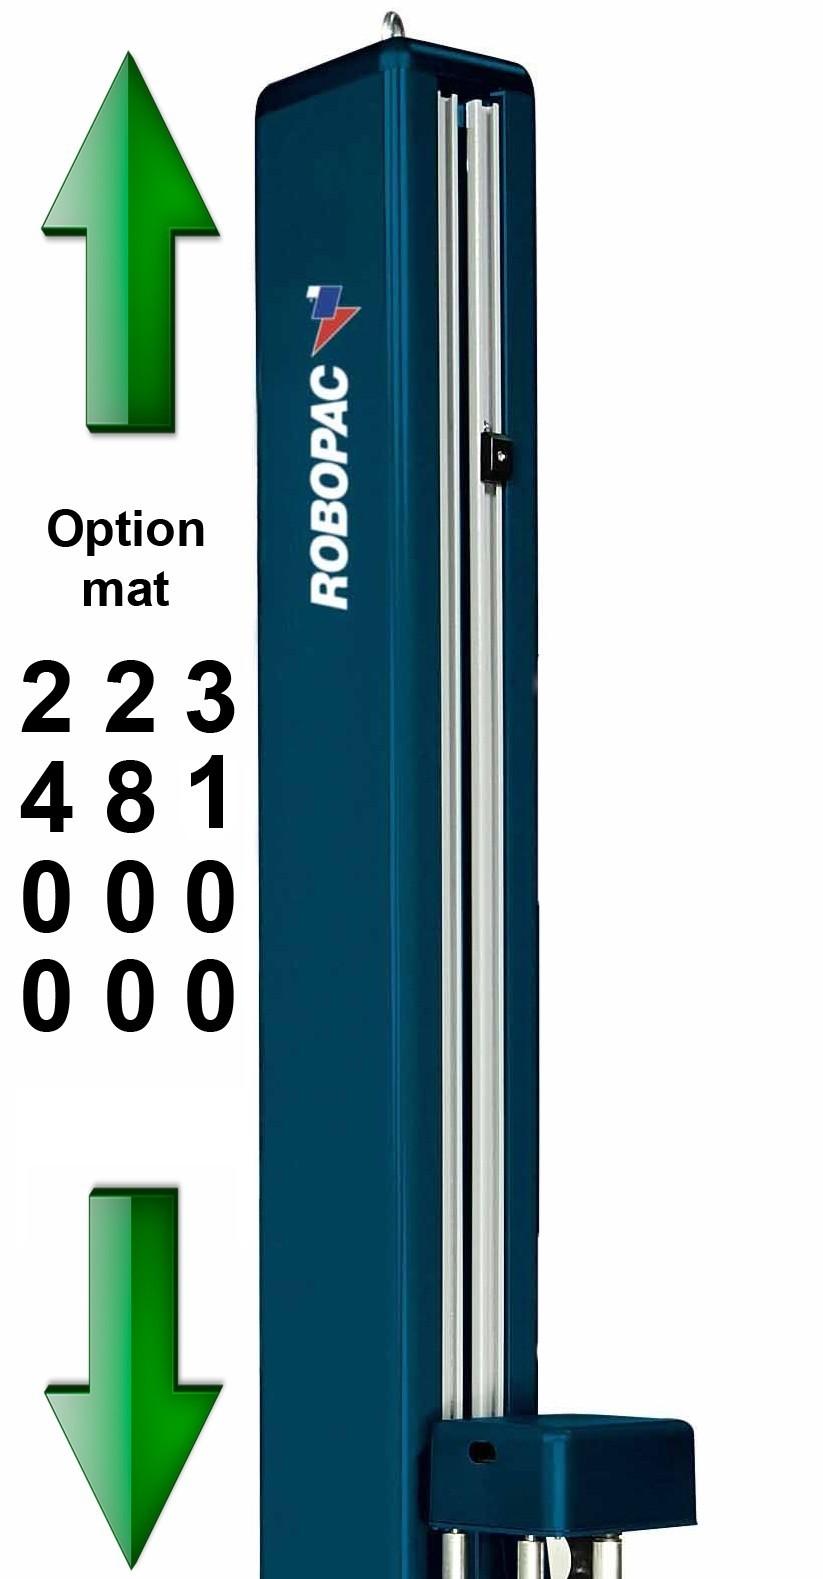 filmeuse masterplat pré-étirage fixe 250% PGS option hauteur mât